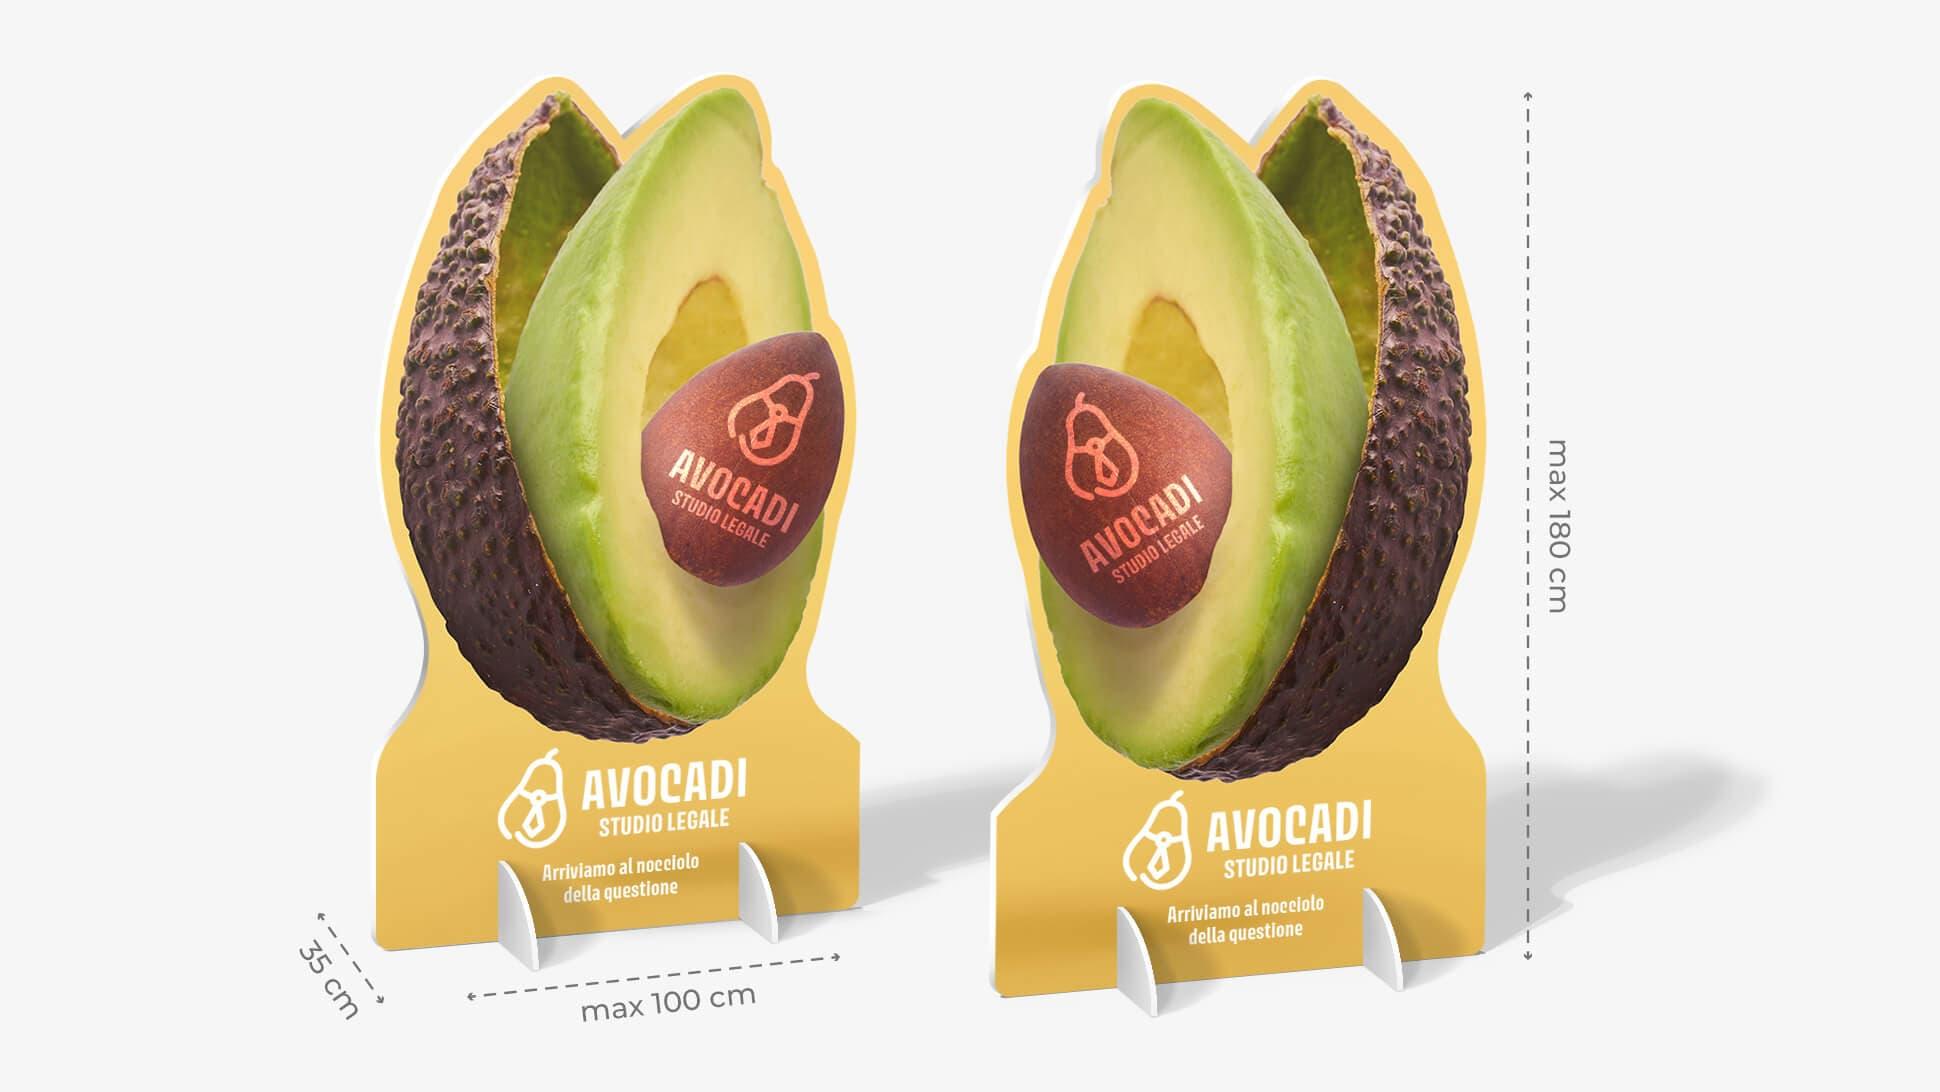 Pannello sagomato bifacciale grafica avocado   tictac.it